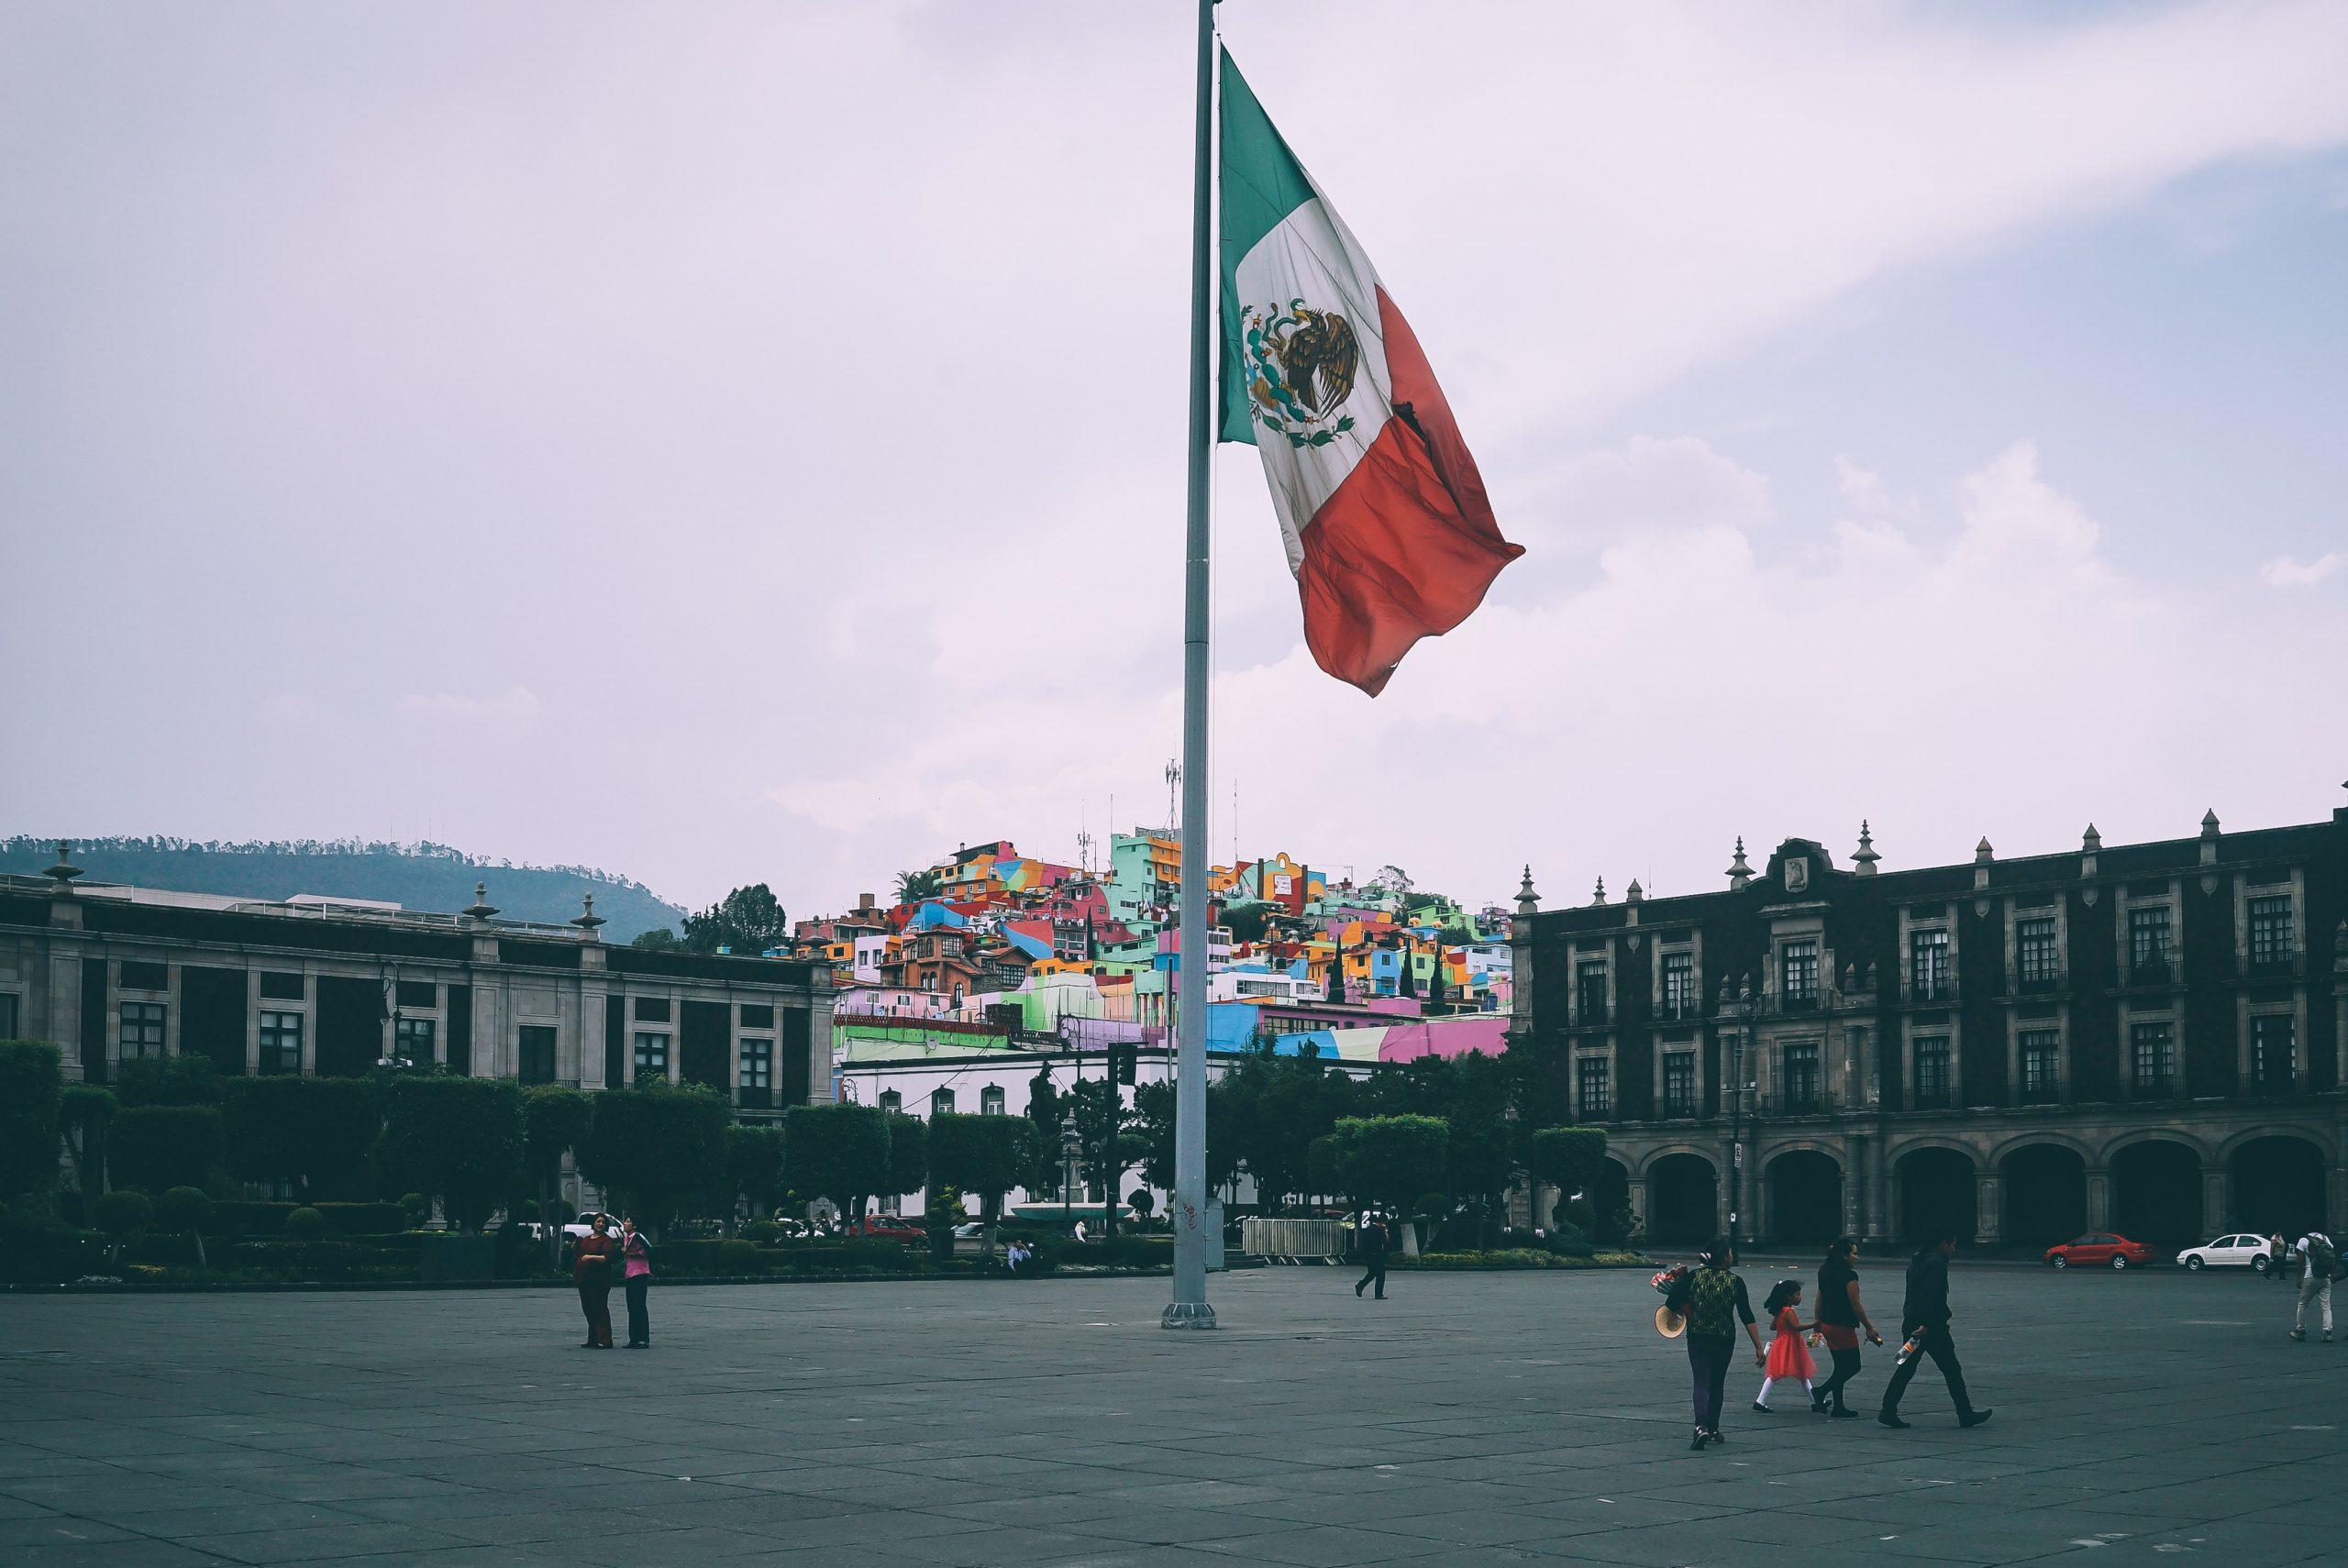 Pielgrzymka do Meksyku